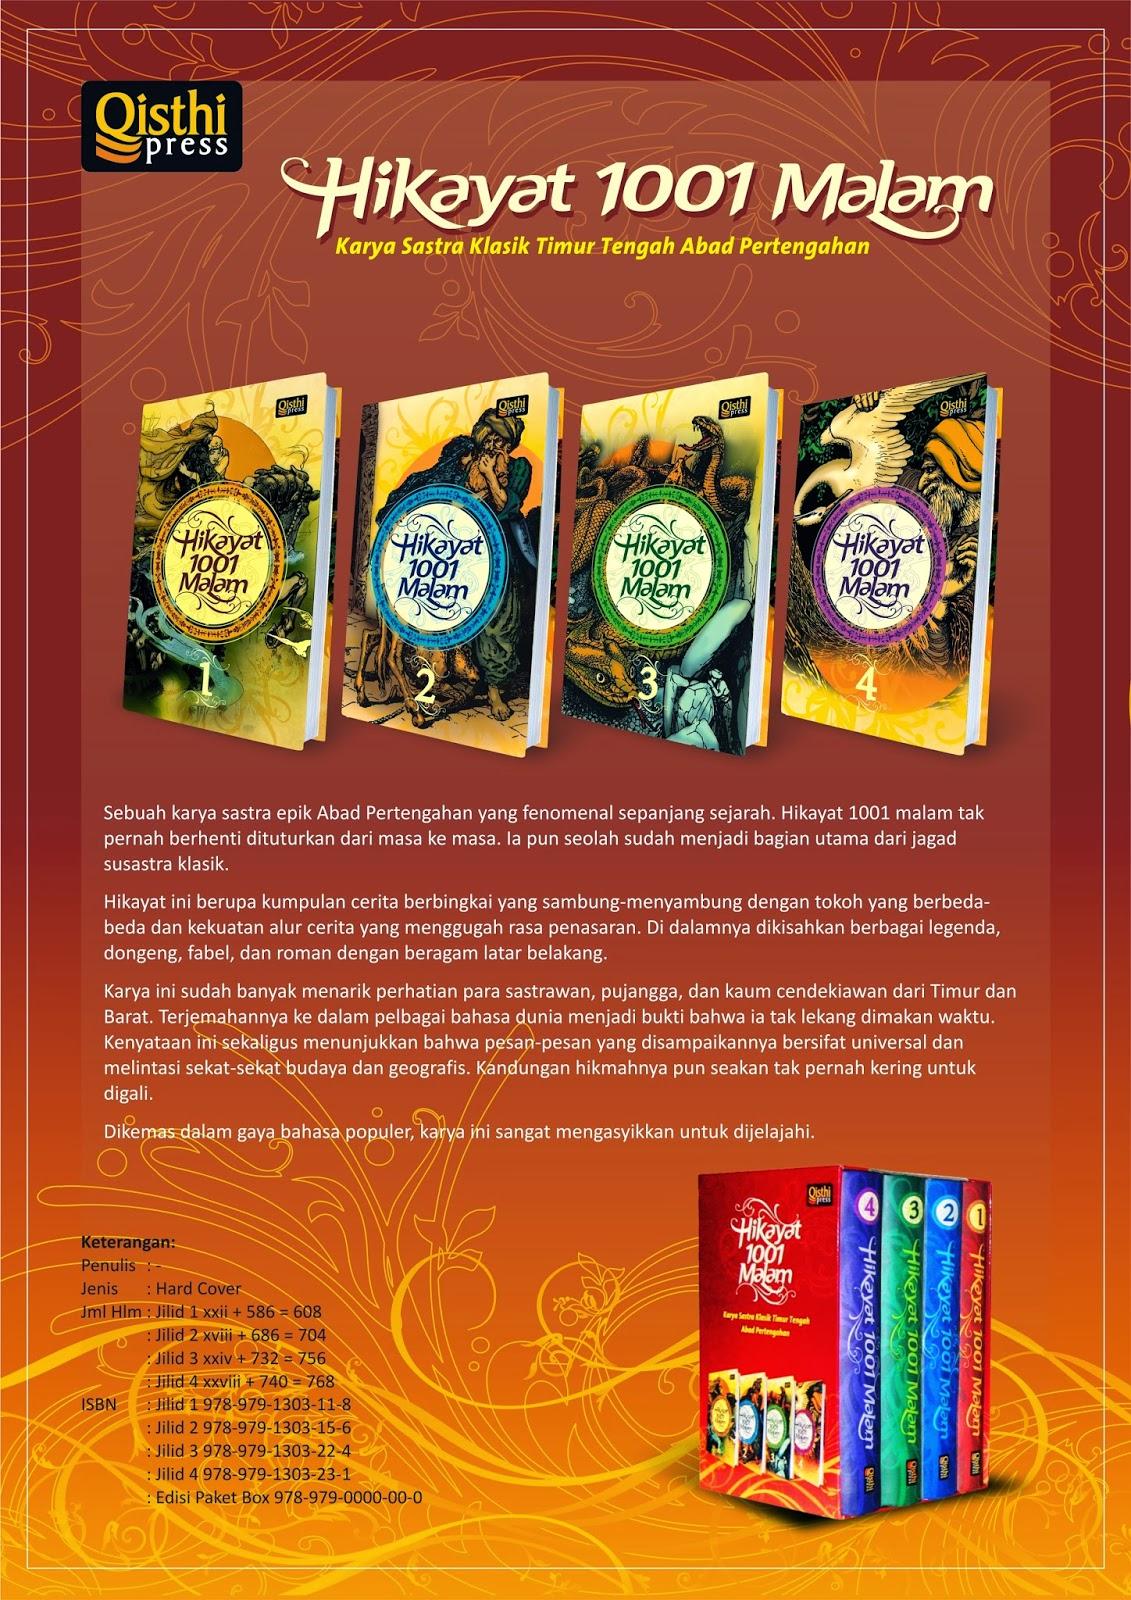 Promosi Buku Hikayat 1001 Malam Harga Murah Buku Hikayat 1001